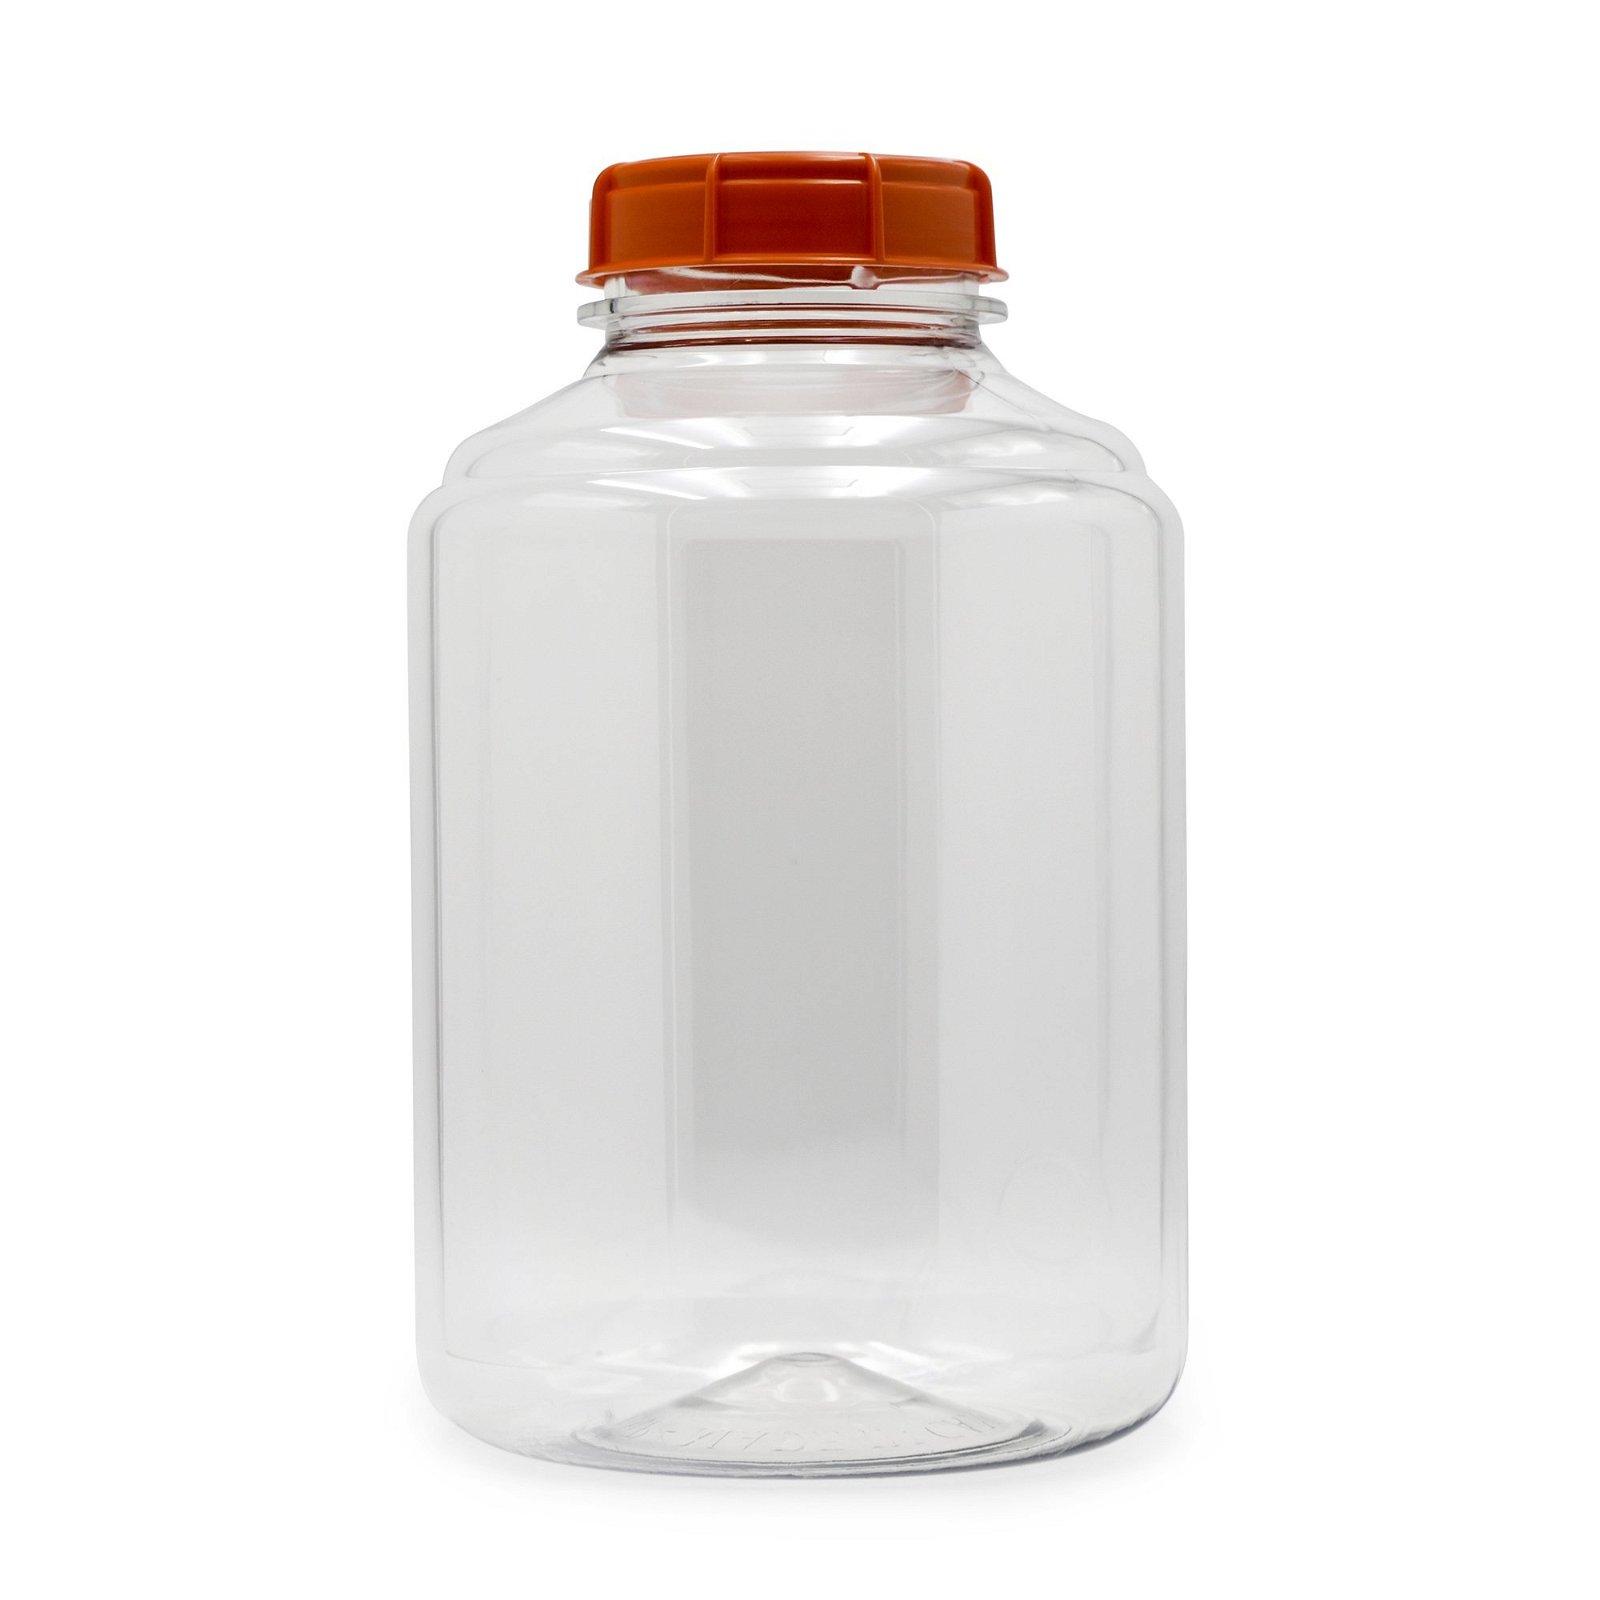 Fermonster 3 Gallon Fermenter